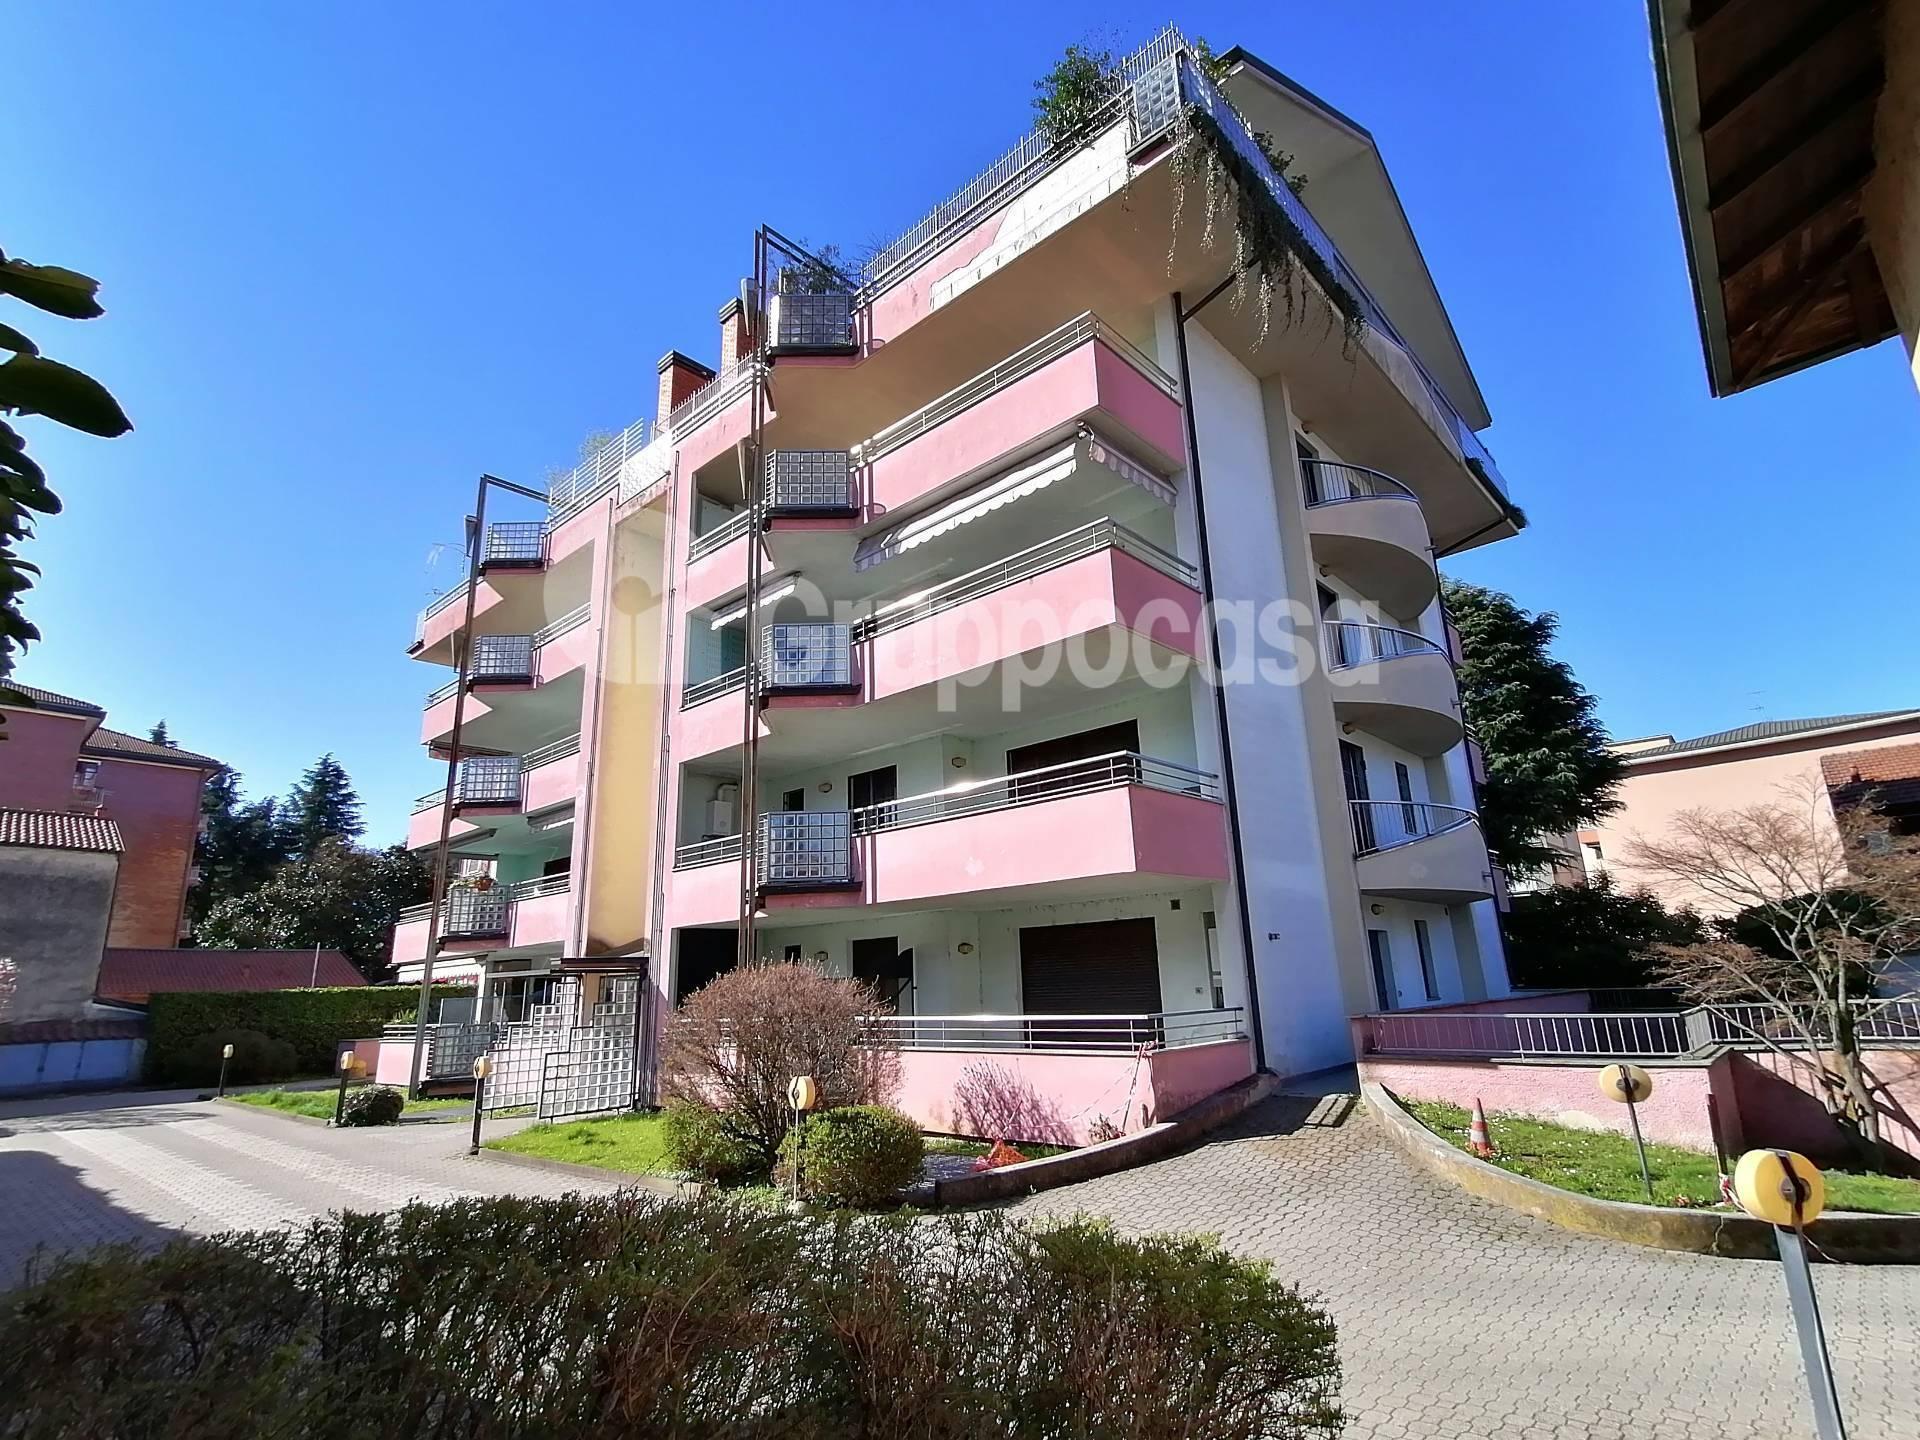 Appartamento in affitto a Magenta, 4 locali, prezzo € 1.000 | PortaleAgenzieImmobiliari.it